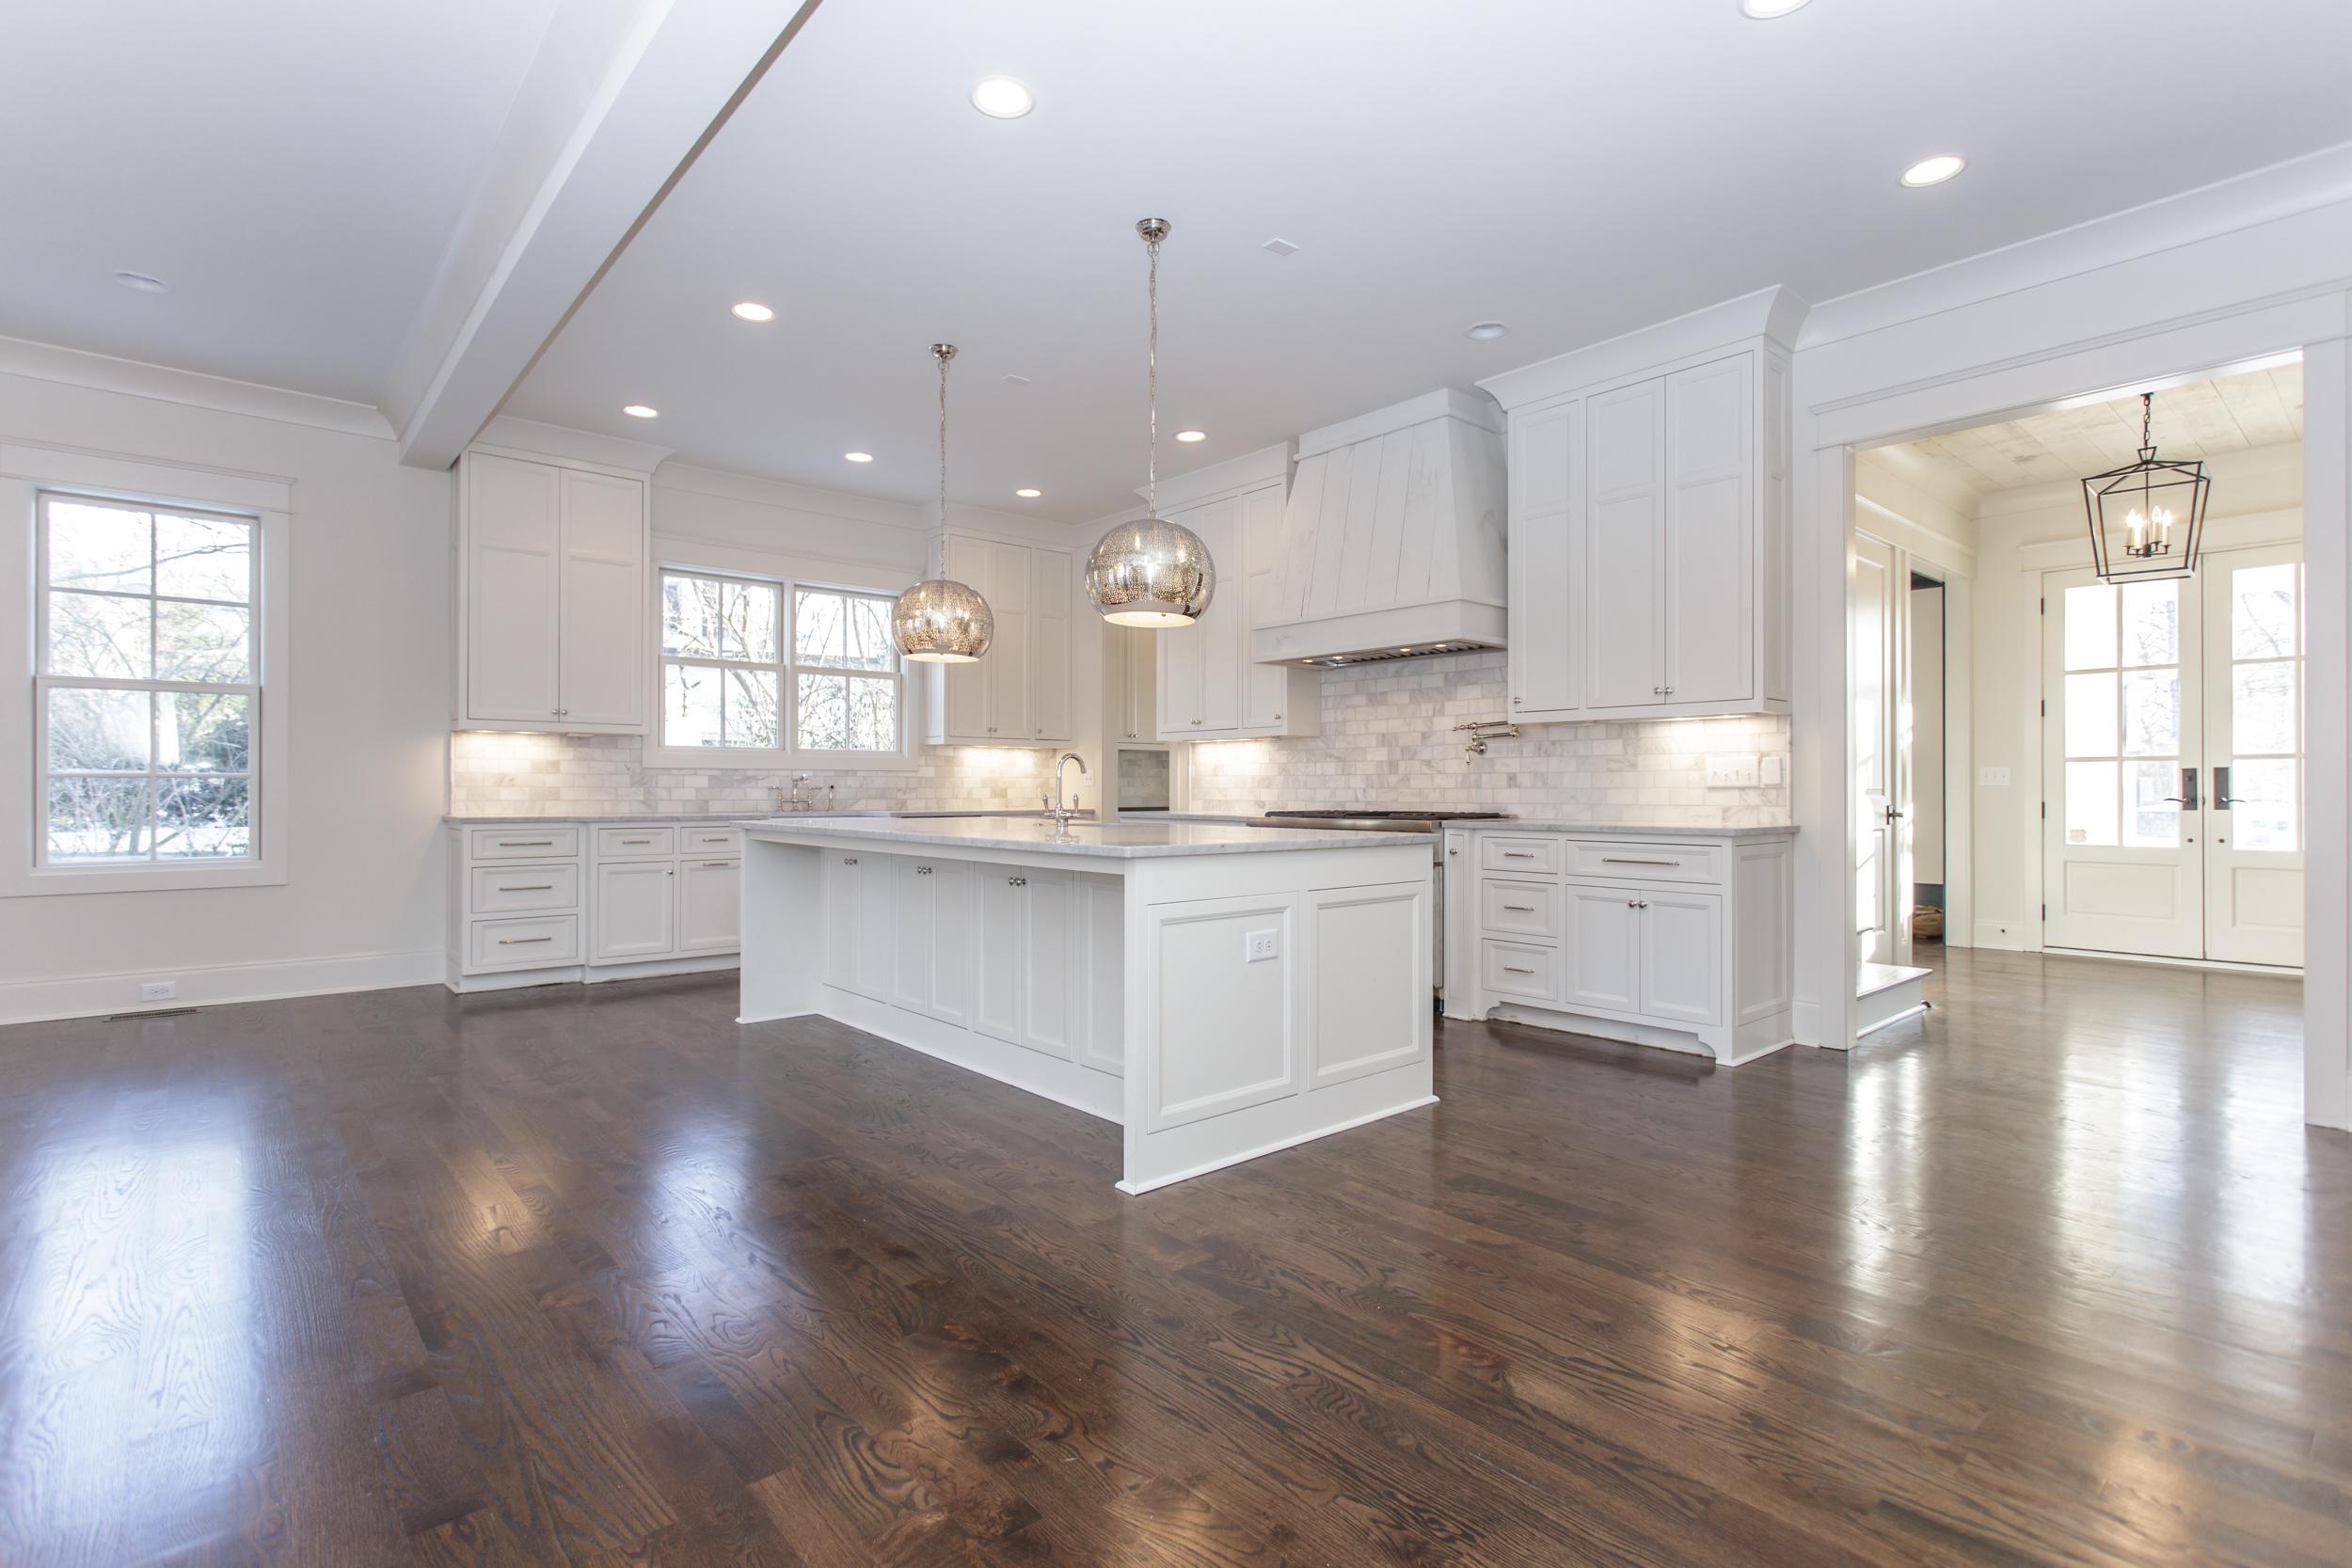 chandelier-development-custom-home-builder-belle-meade-tennessee-nashville--4222.jpg